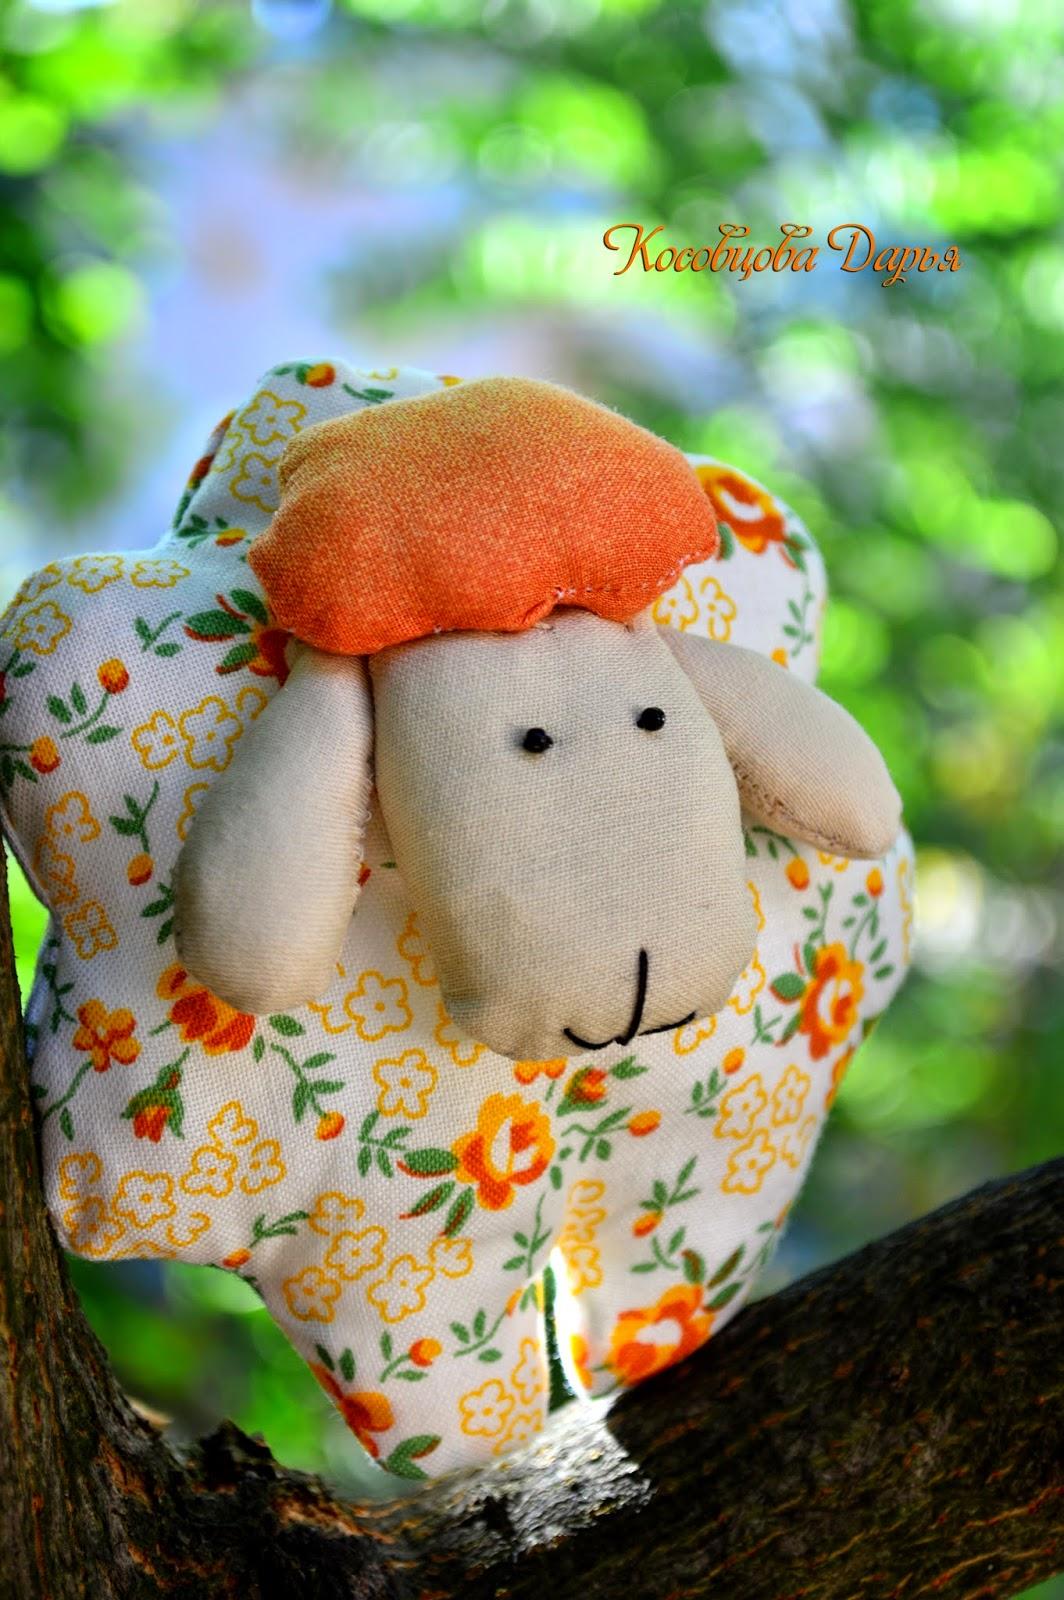 игрушка ручной работы, подарки на день рождения, игрушки для детей,купить подарок ручной работы Киев